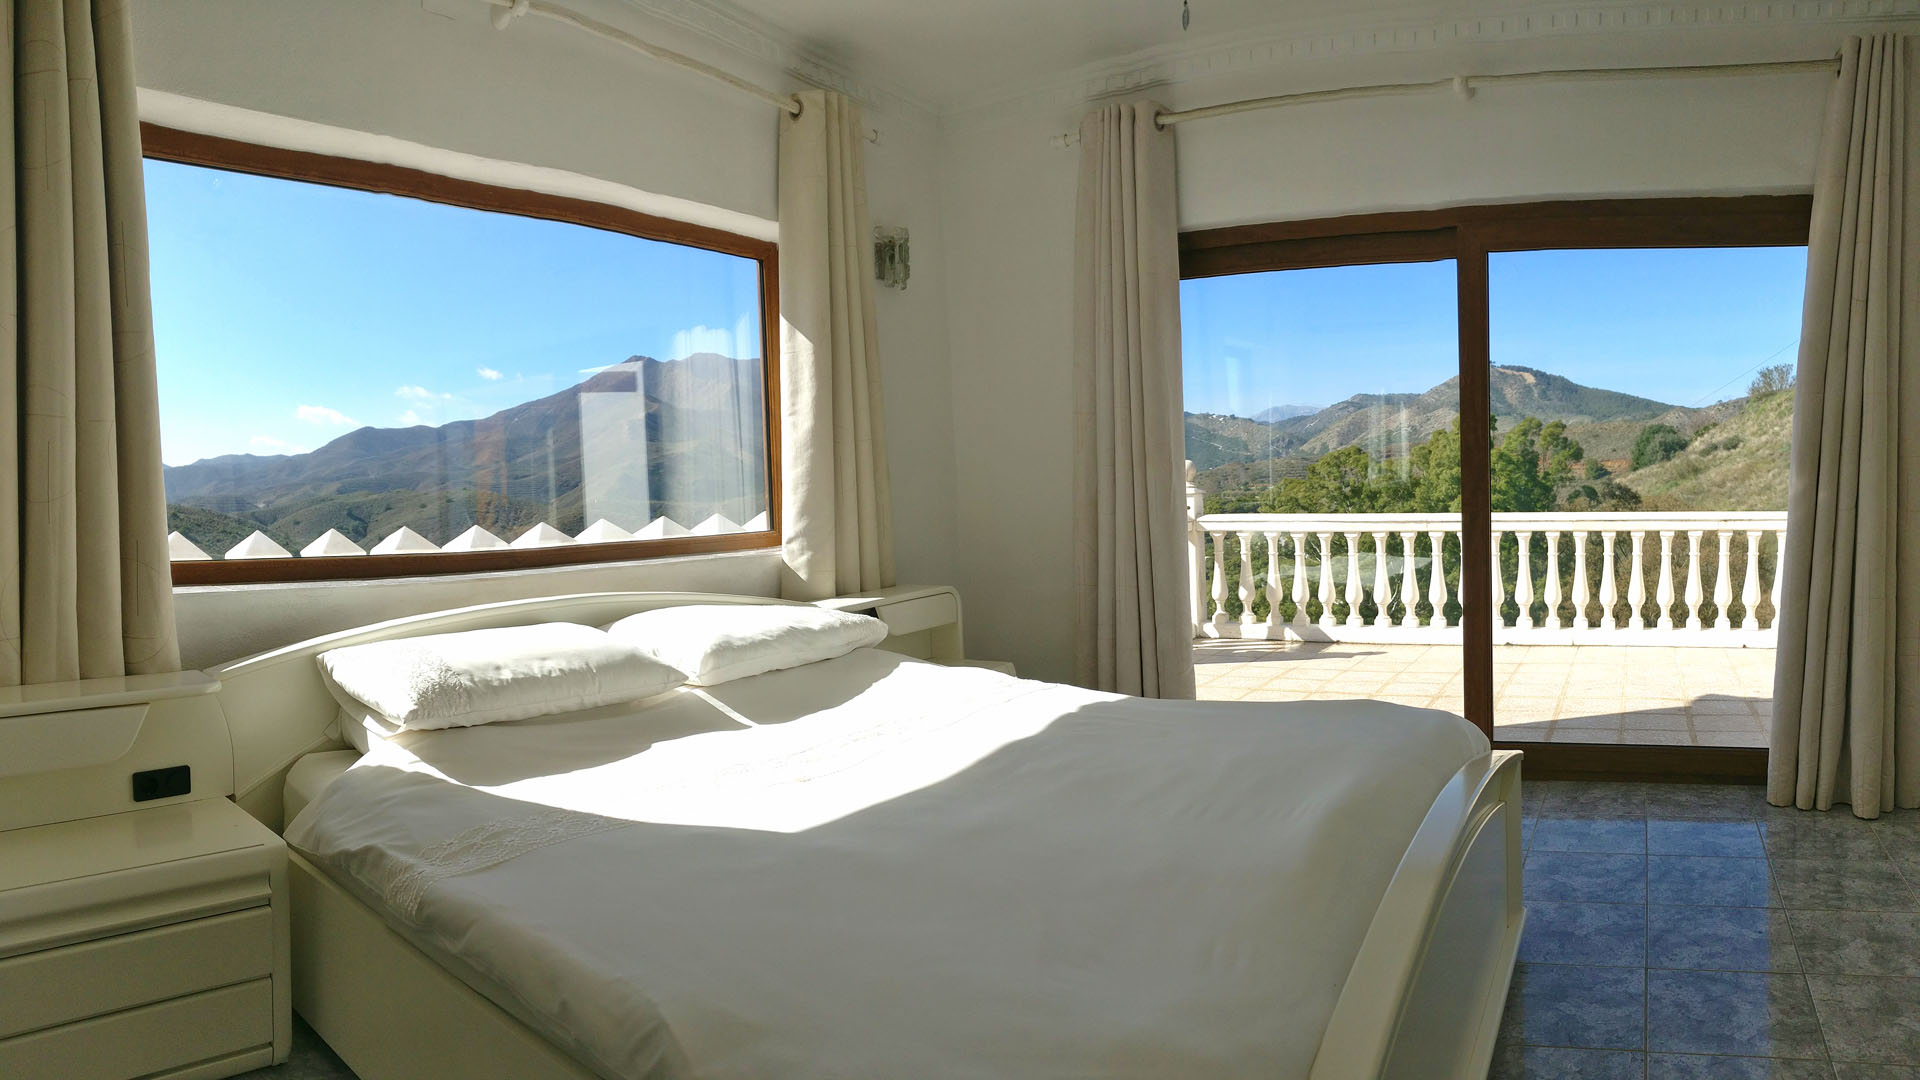 Bedroom 3.0